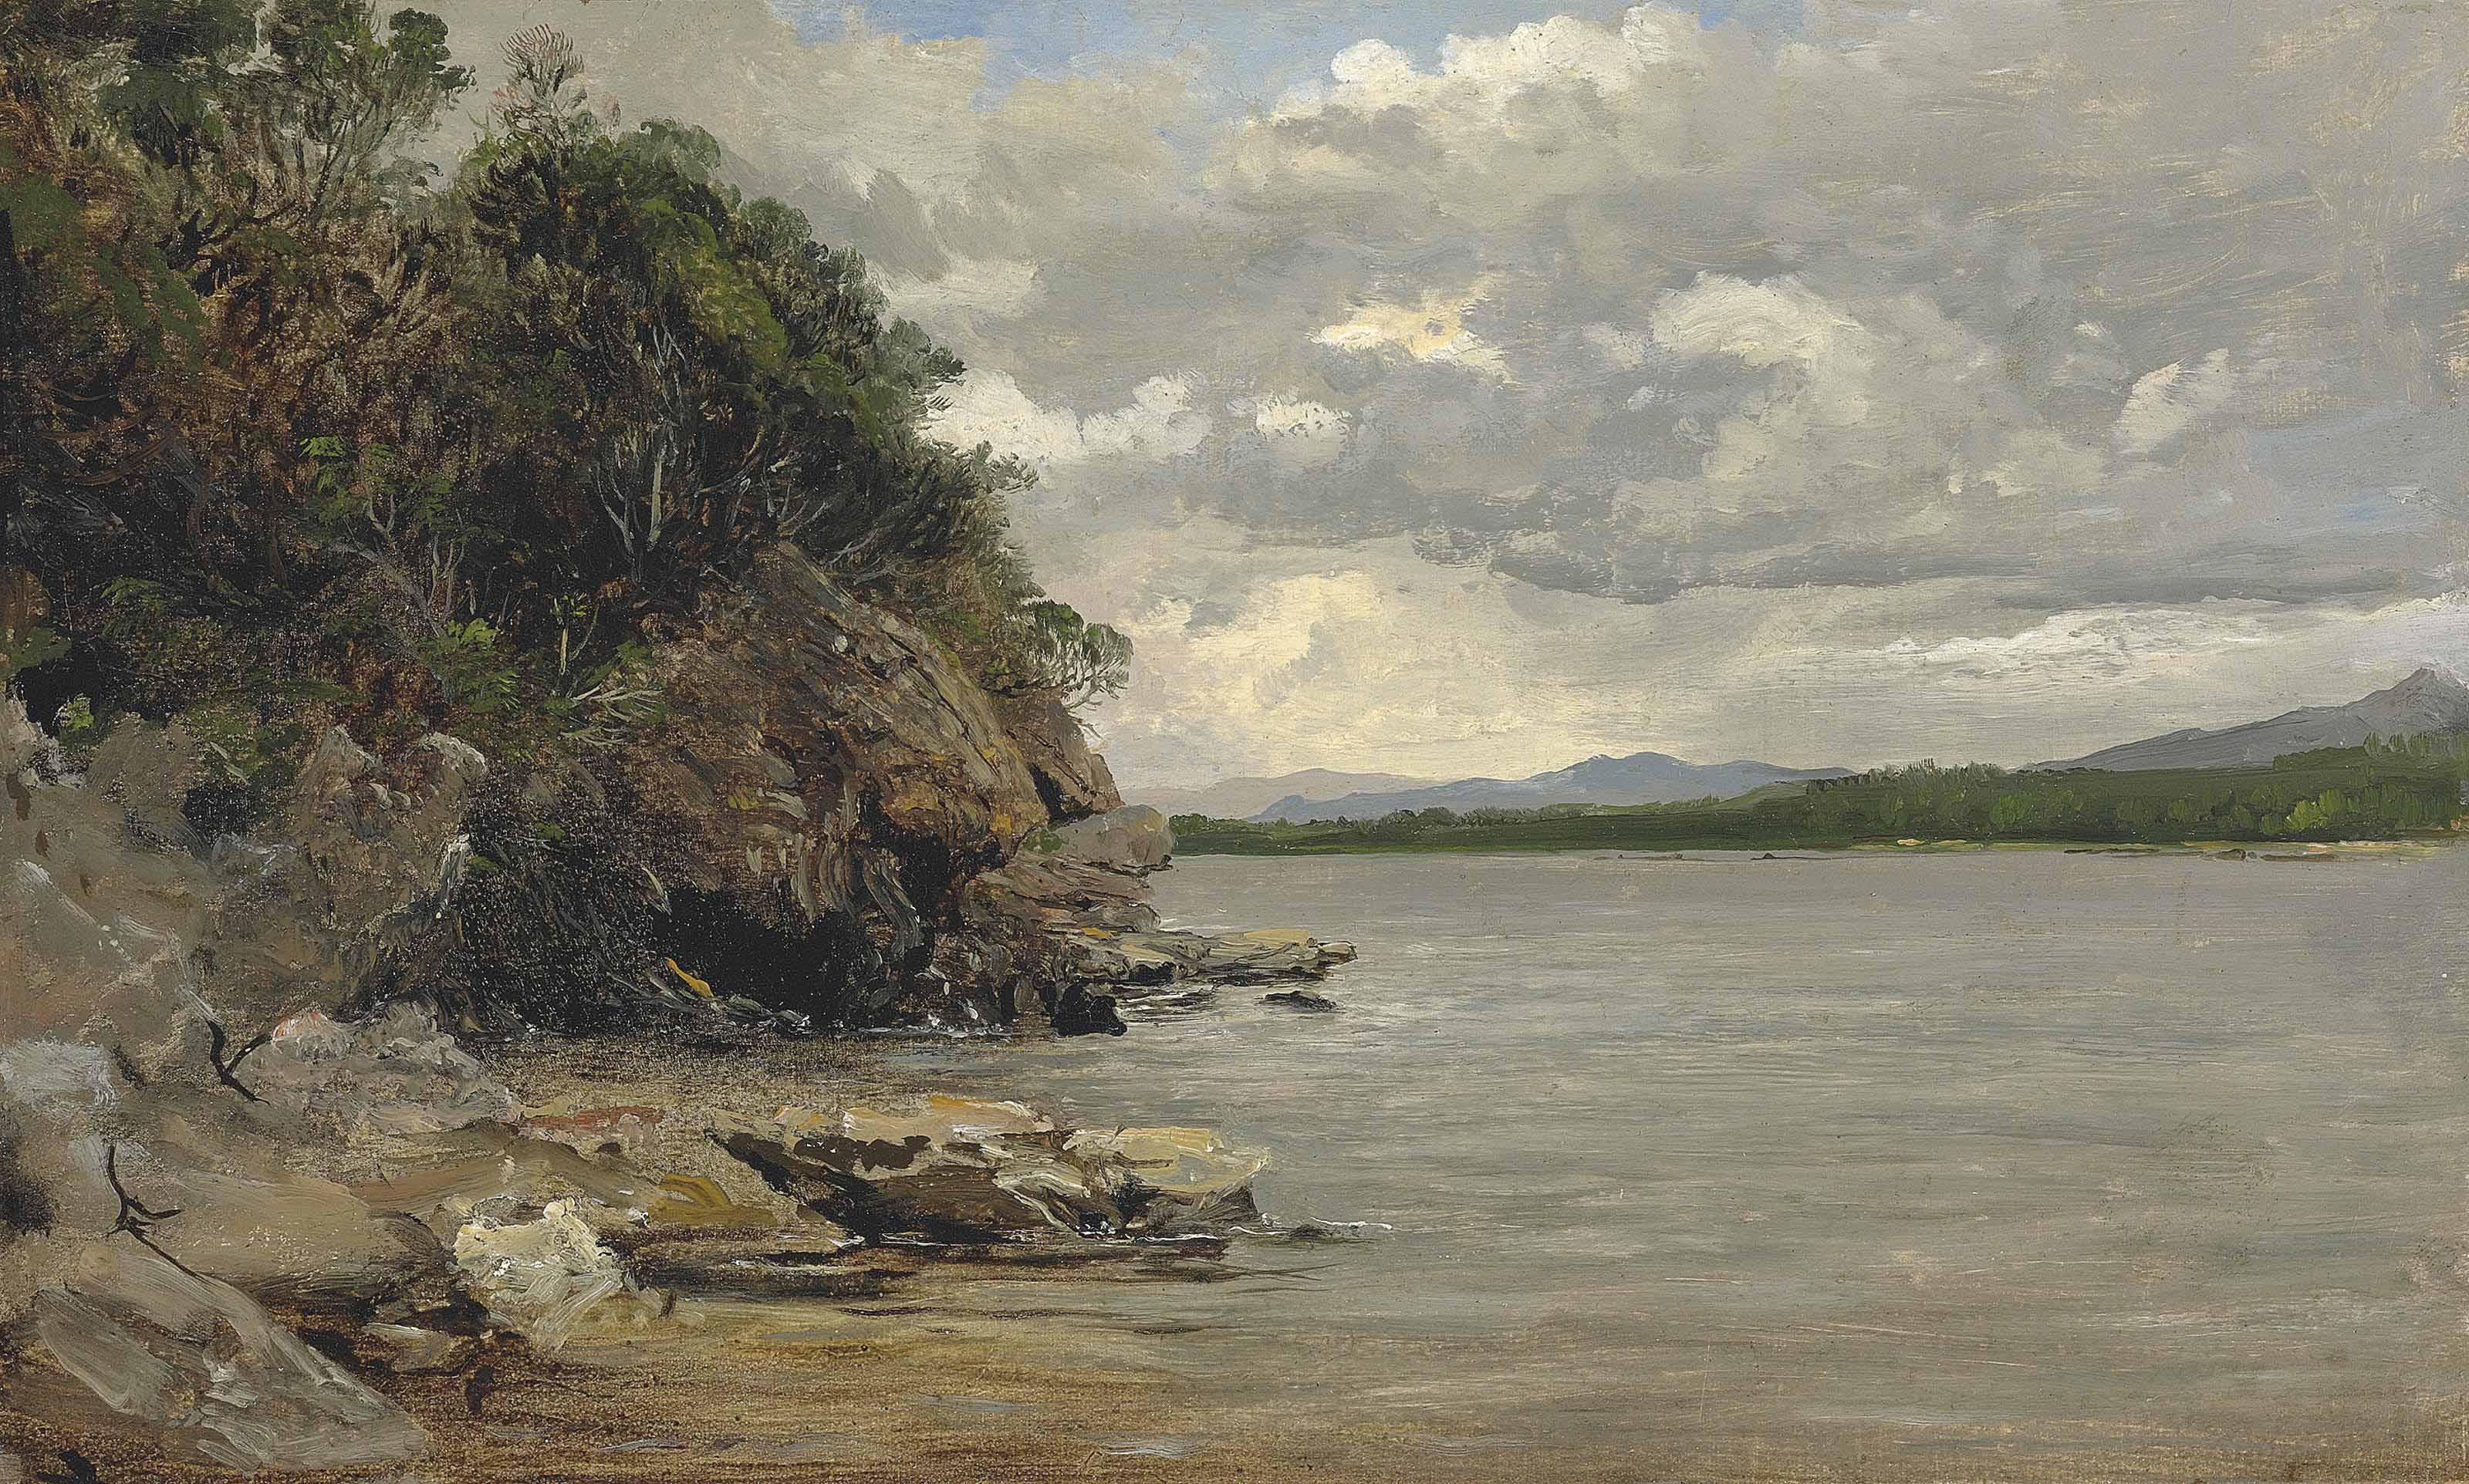 A rocky outcrop by a lake, Norway